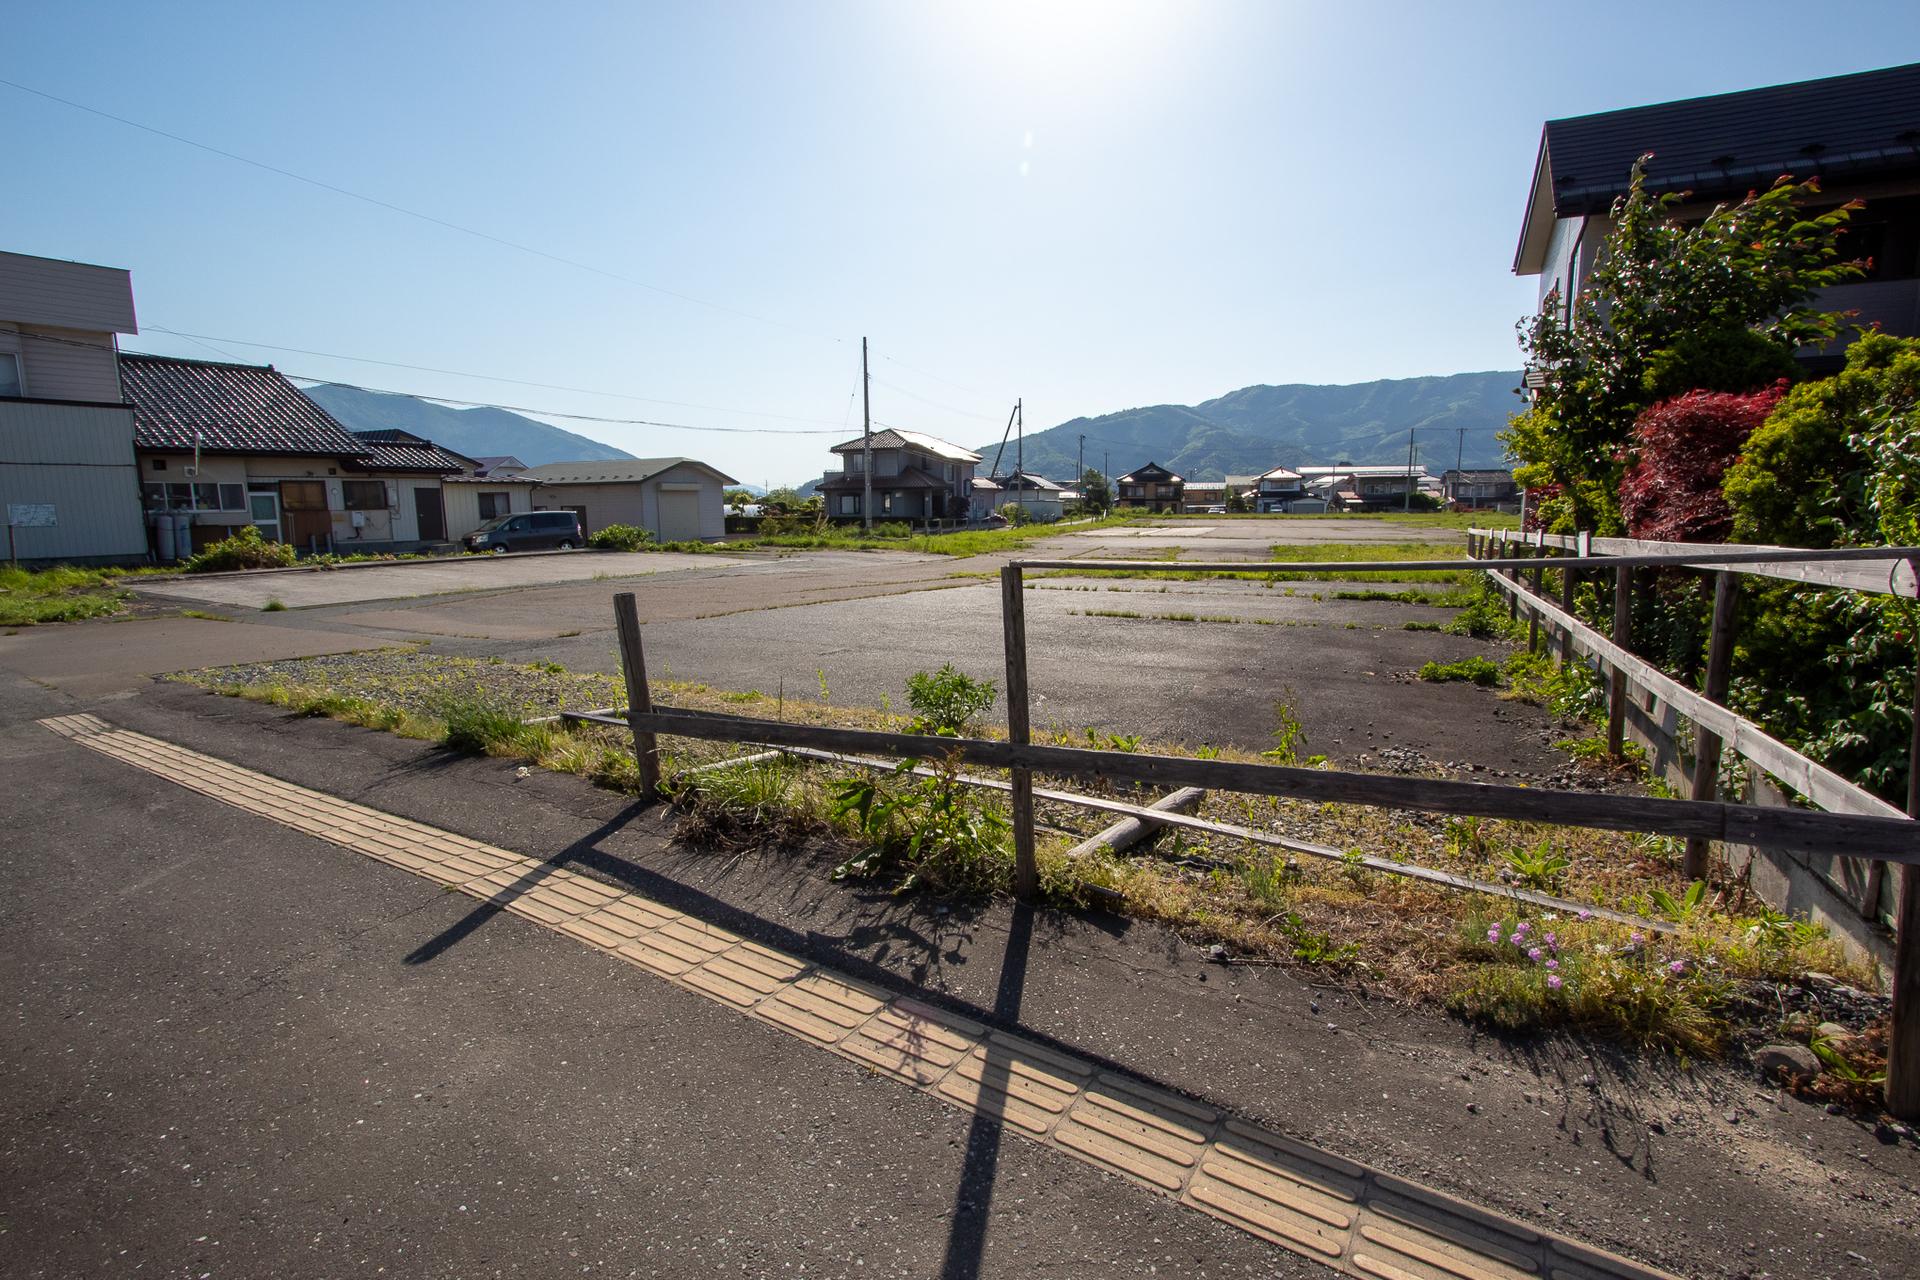 f:id:akichiniiko:20190612172054j:plain